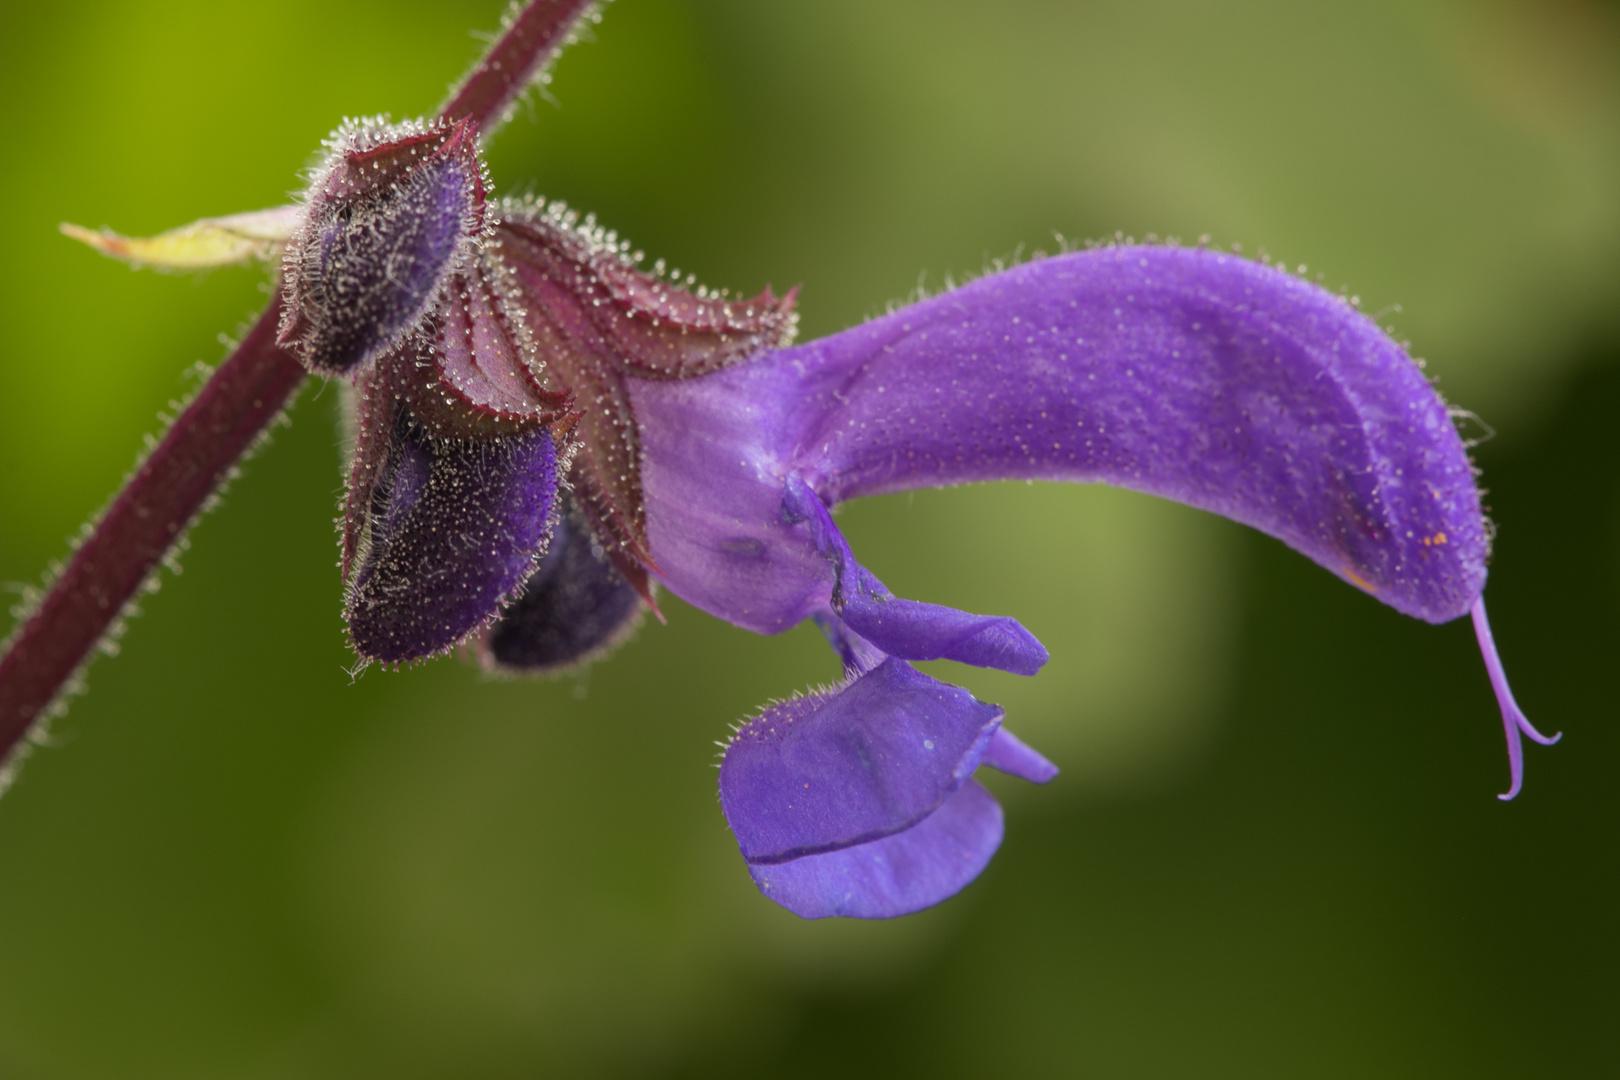 Salbei bl te foto bild natur pflanzen bl ten bilder auf fotocommunity - Wandfarbe salbei kaufen ...